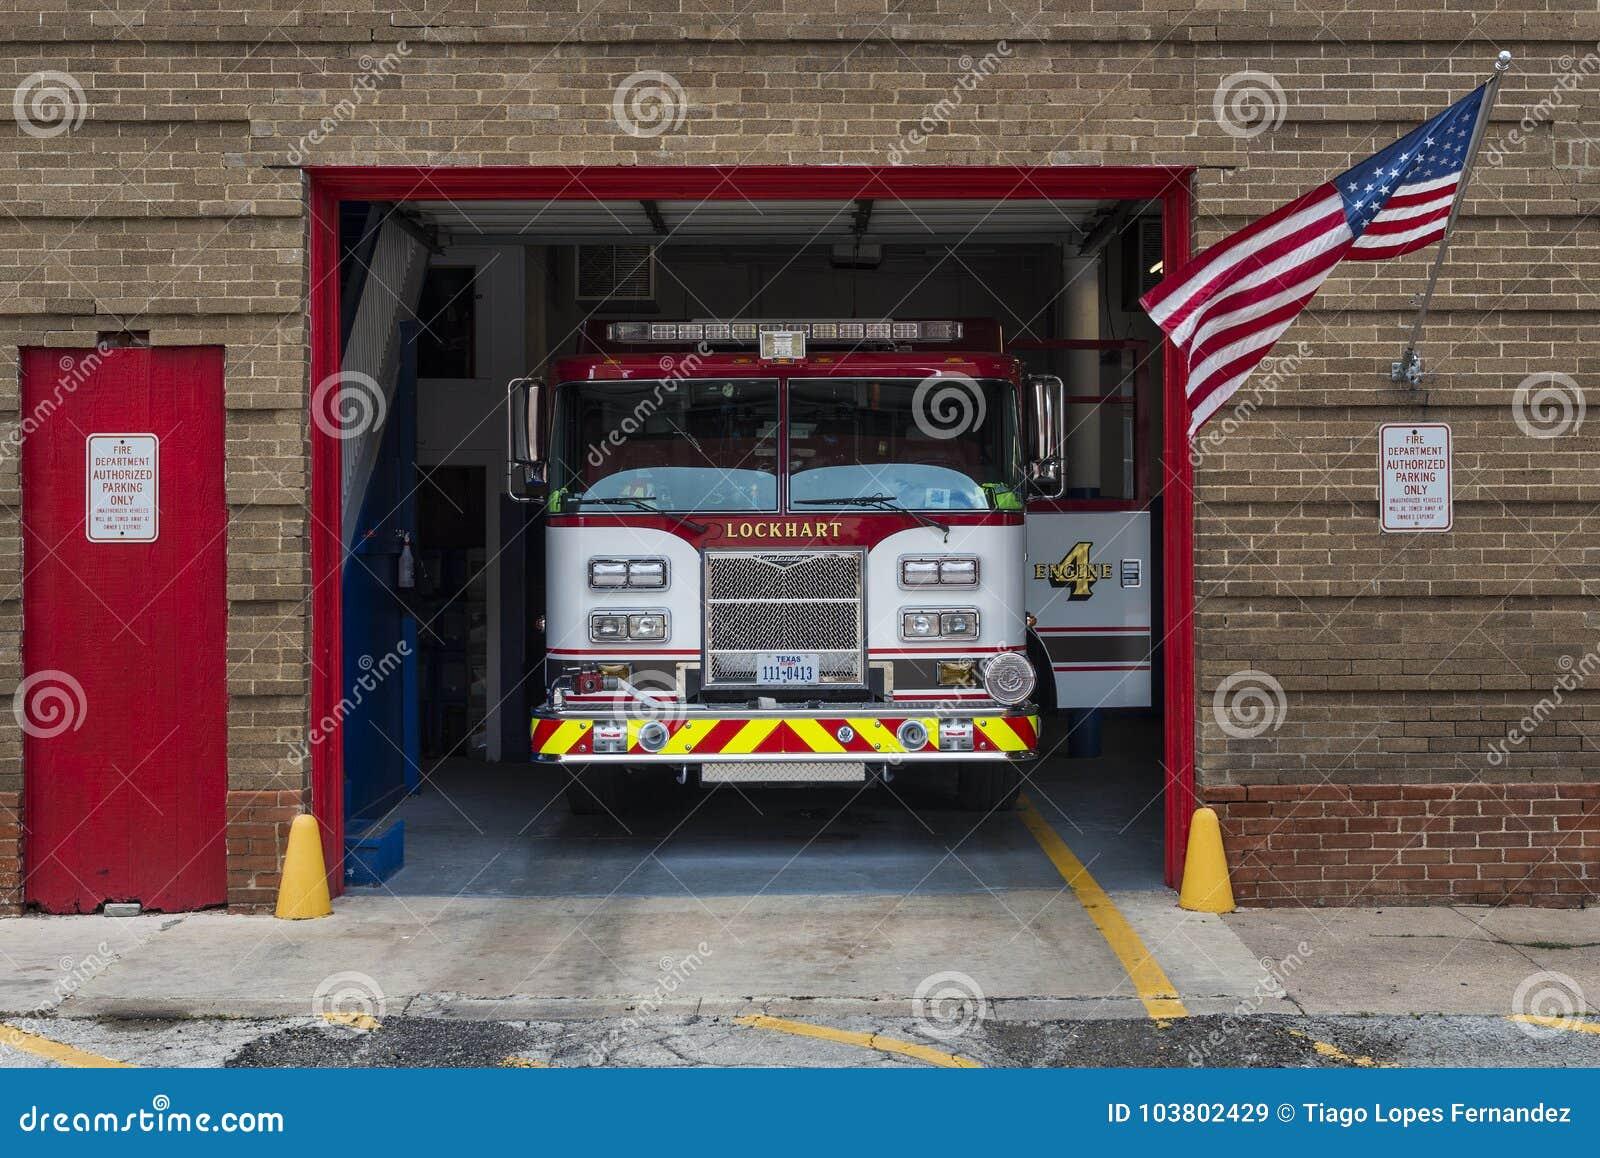 Пожарная машина в своем гараже в отделении пожарной охраны Lockhart в городе Lockhart, Техаса